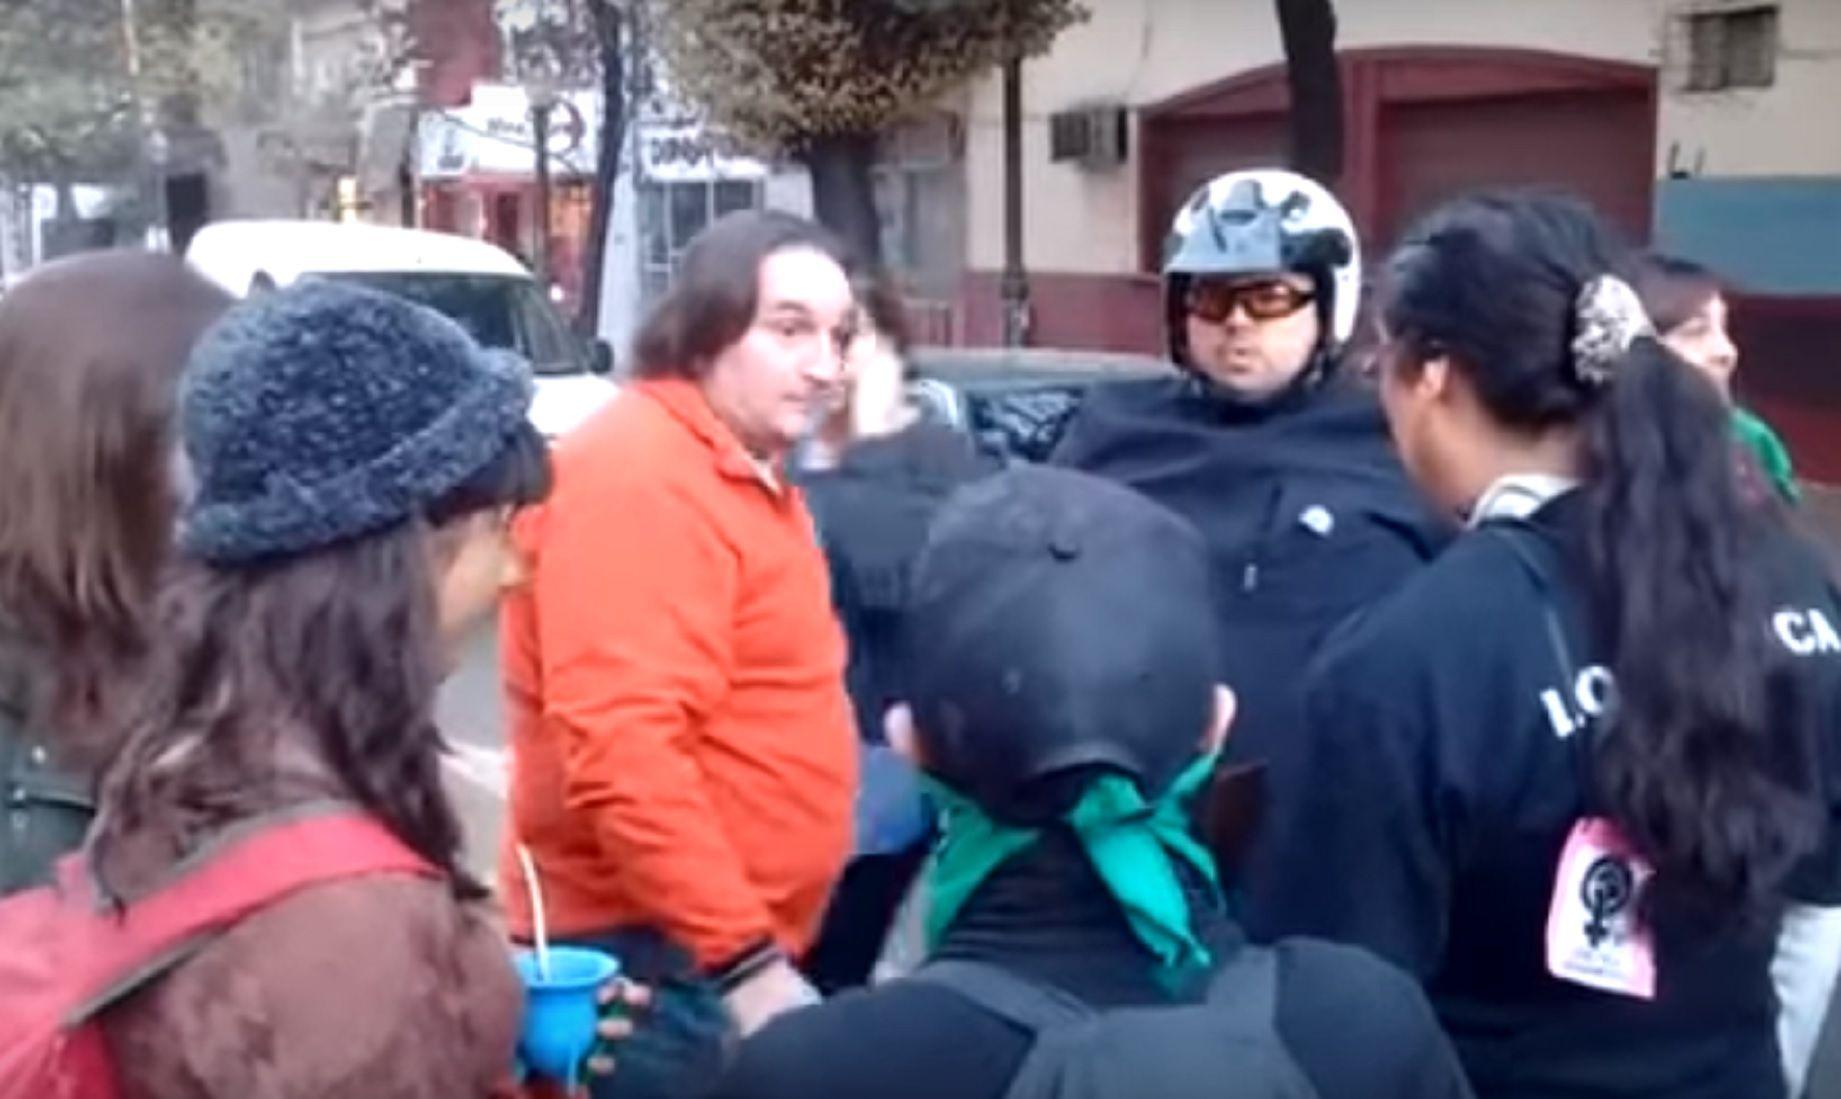 {altText(Fuerte cruce entre un conductor y manifestantes del #NiUnaMenos,VIDEO: el cruce entre un conductor y las manifestantes de